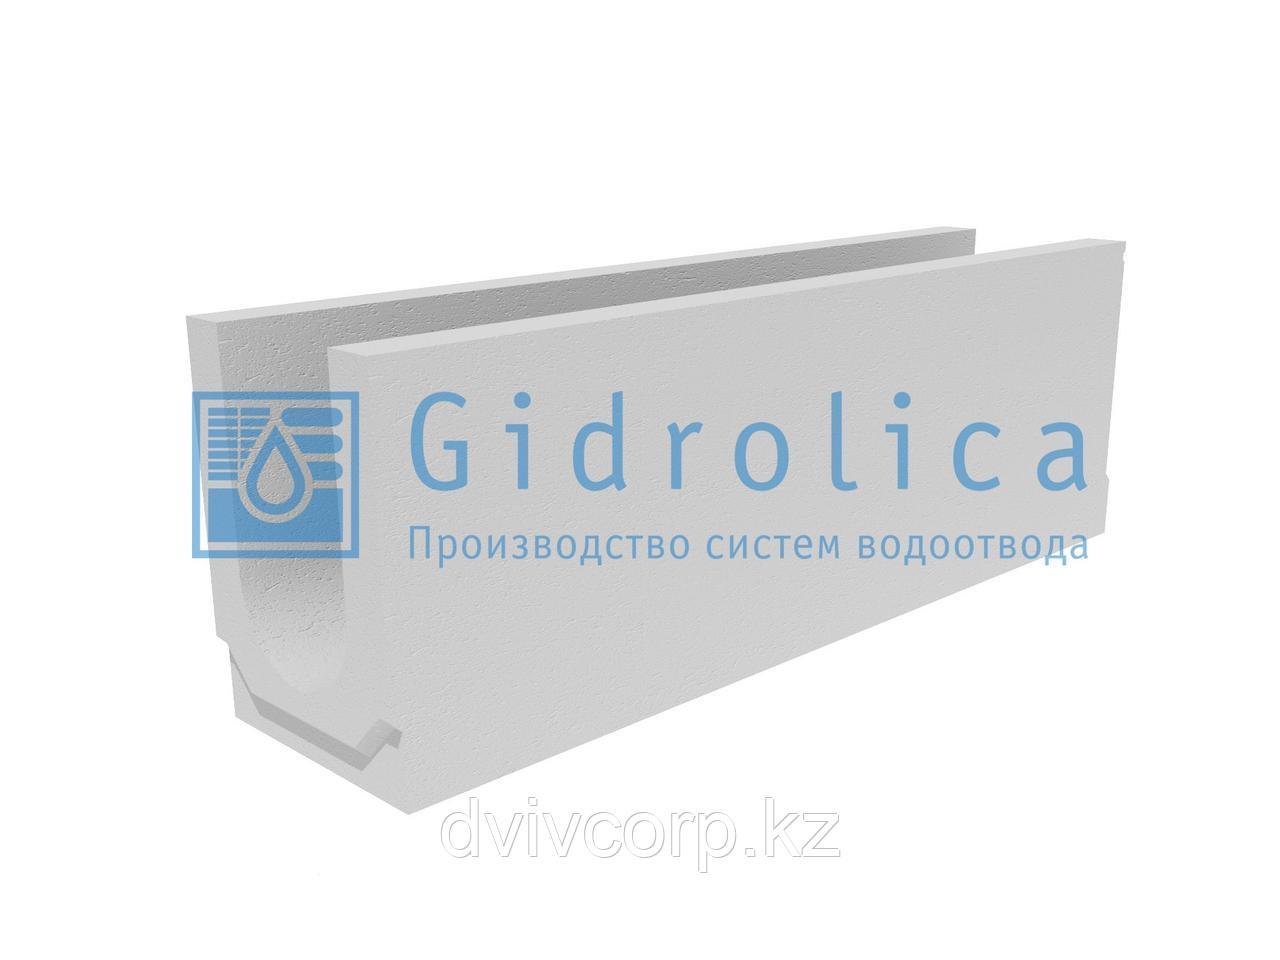 Лоток водоотводный бетонный коробчатый (СО-150мм)КU 100.24,8 (15).34(27,5)-BGU, № 20-0